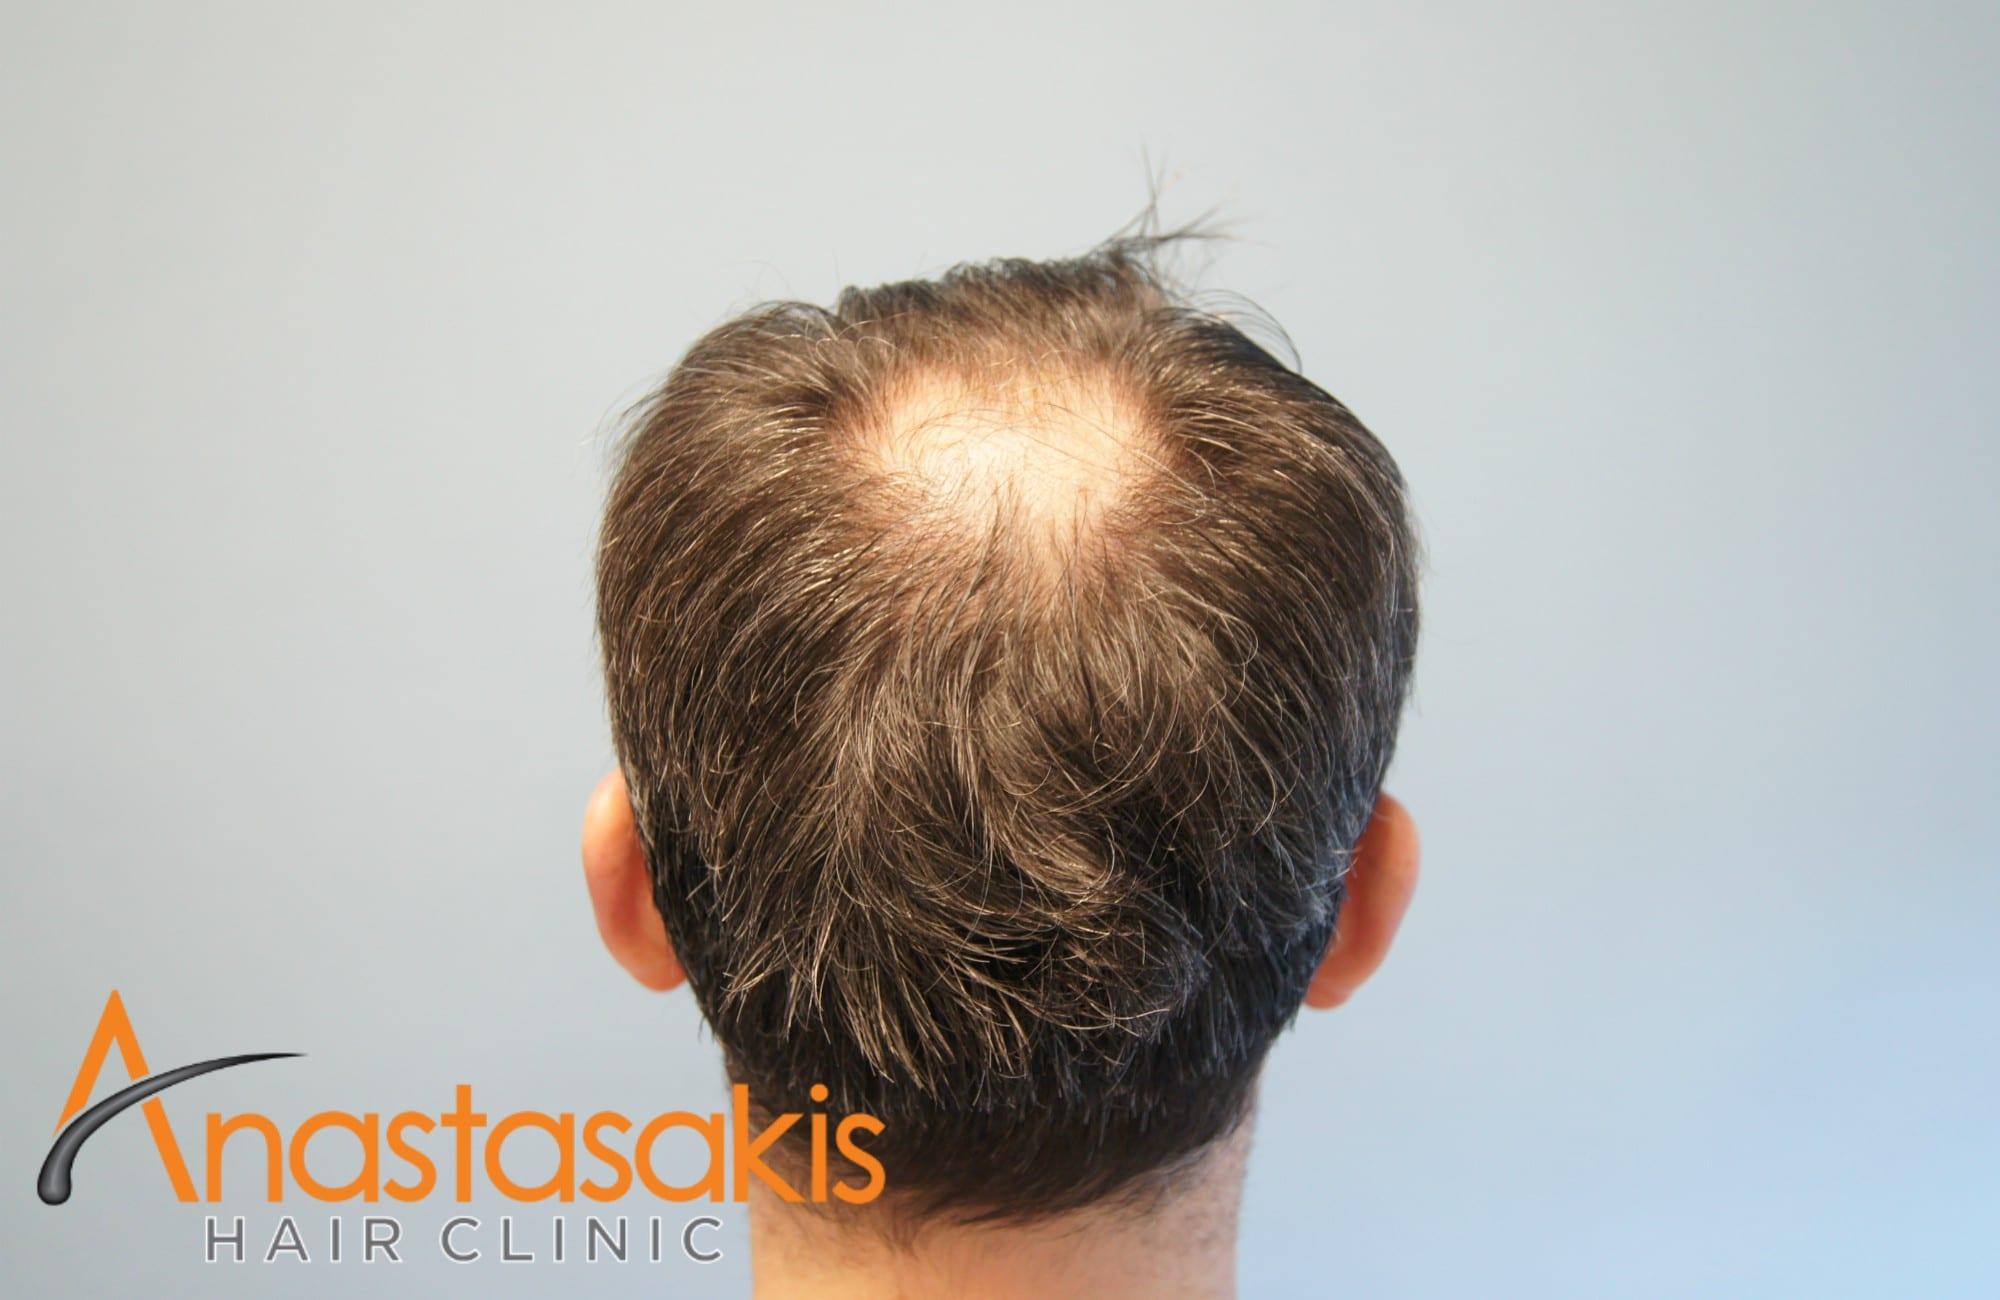 δότρια περιοχη ασθενους πριν τη μεταμοσχευση μαλλιων με 3500 fus